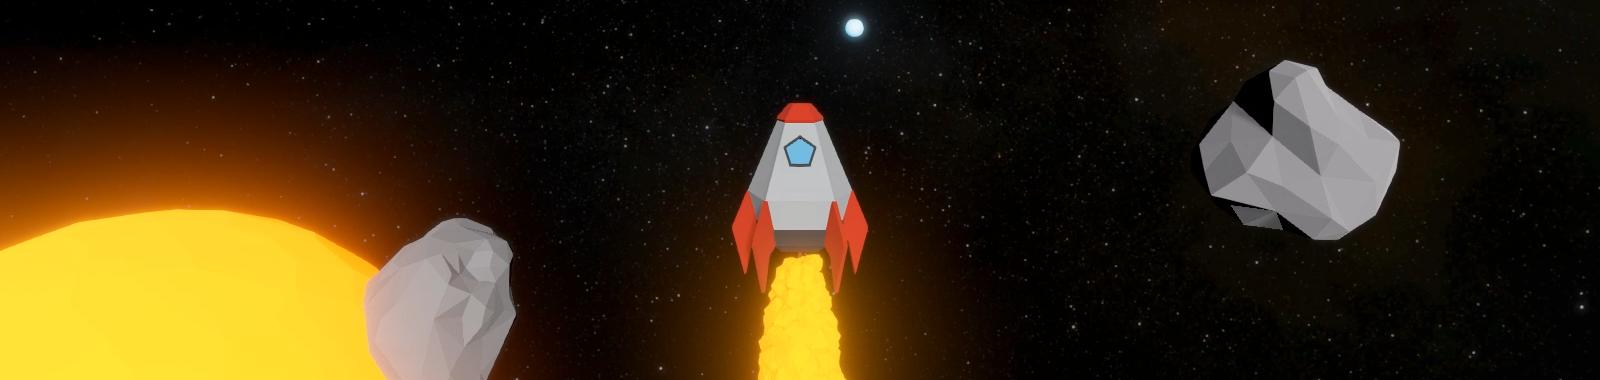 Build a Rocketship Game in Unity